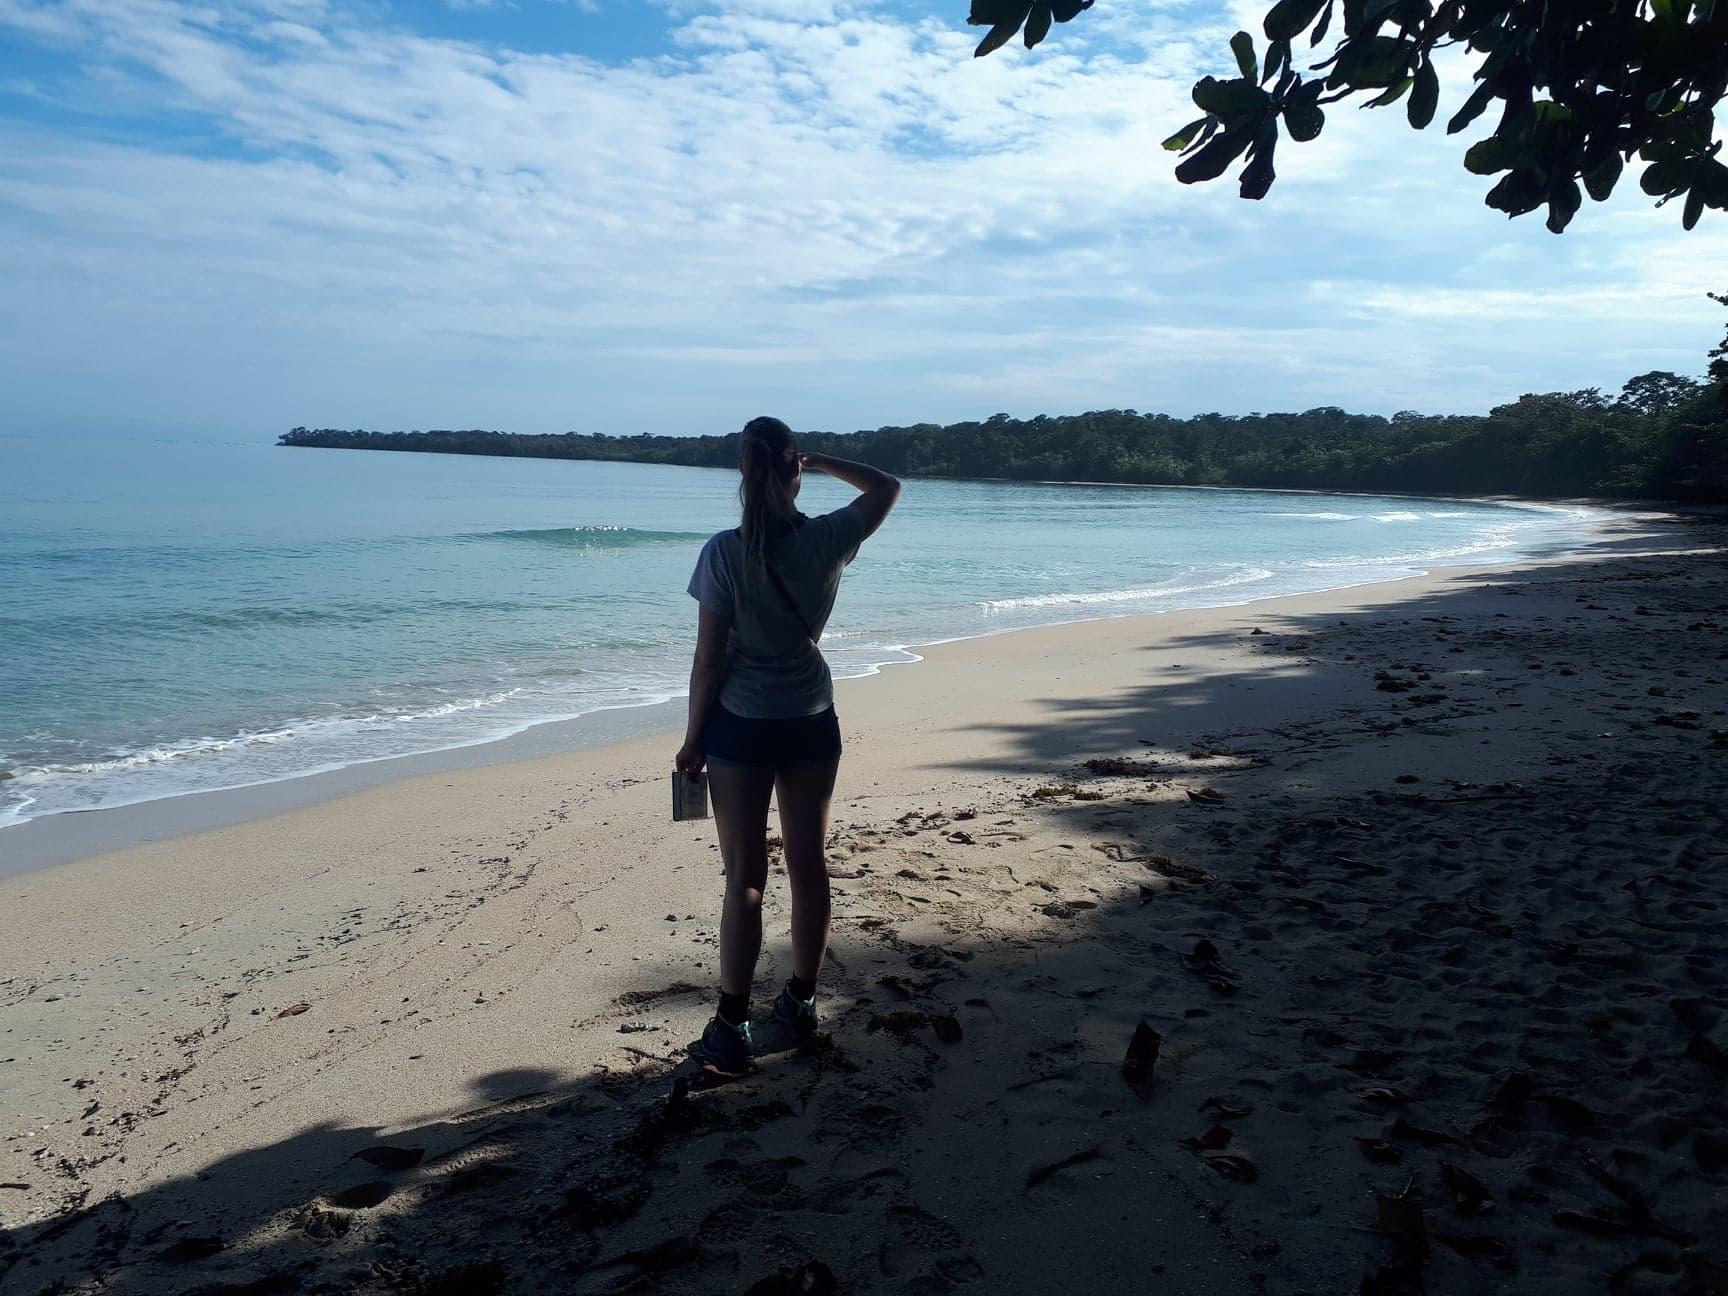 Uitzichtpunt aan de start van de wandeling - Kelly Creek in Costa Rica